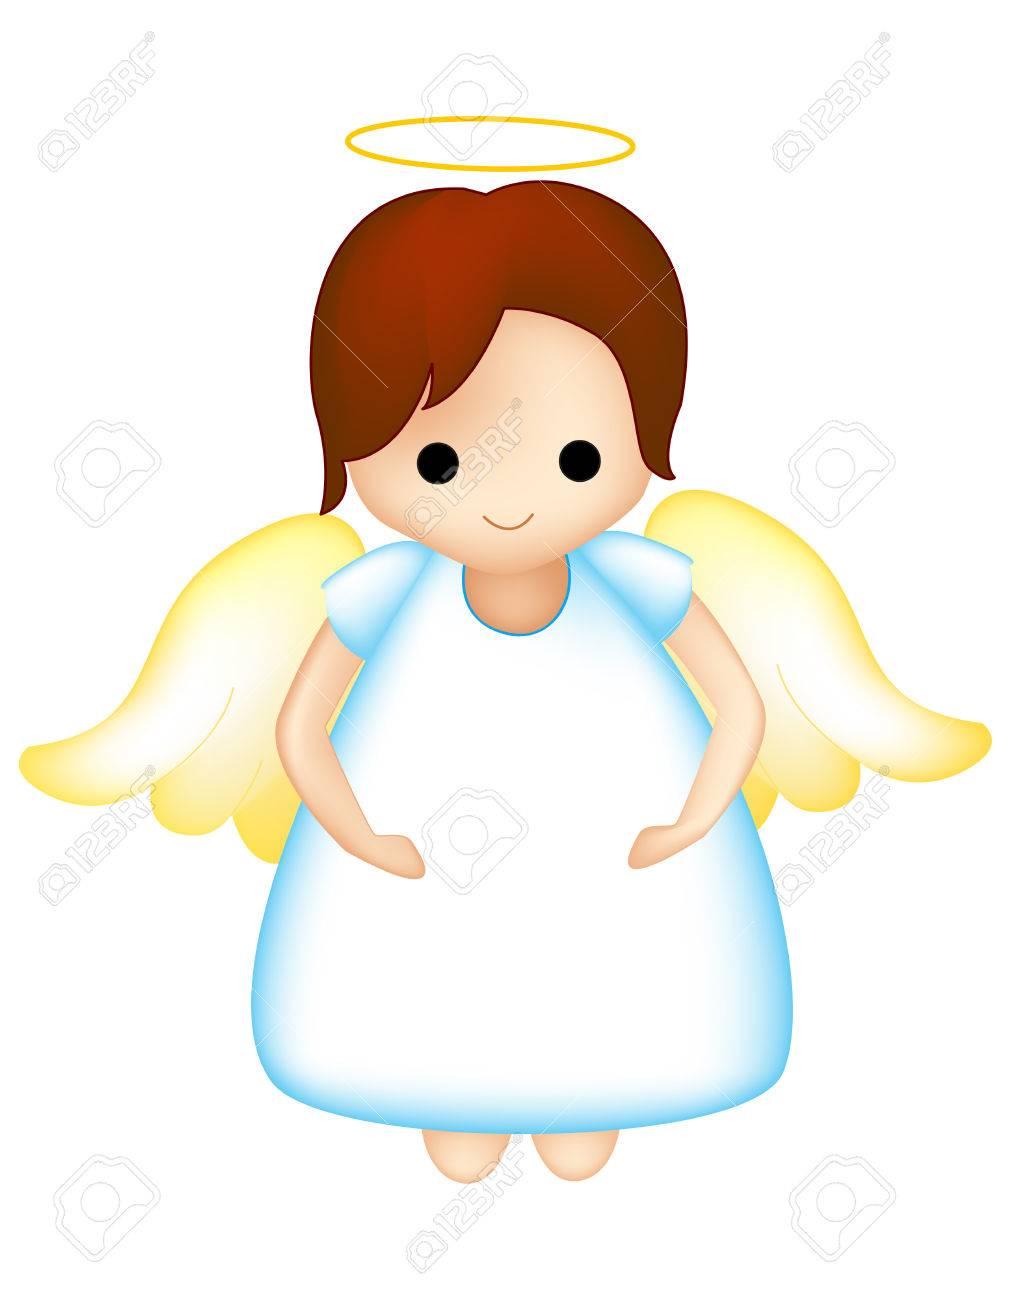 小さな妖精天使クリップアートは白で隔離のイラスト素材ベクタ